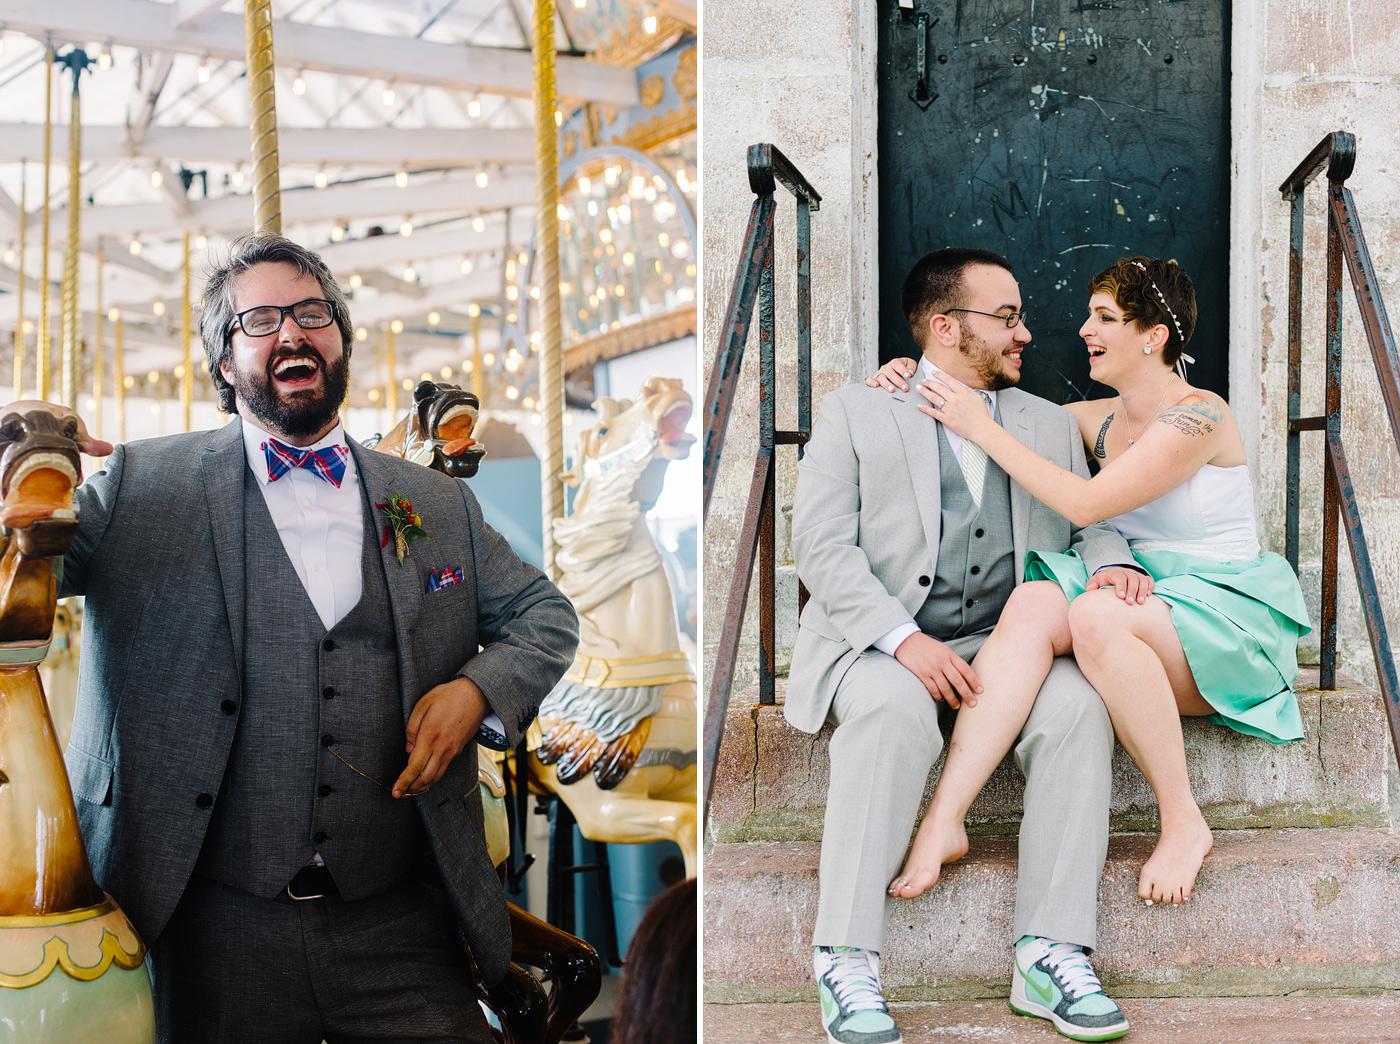 short-wedding-dress-on-connecticut-beach